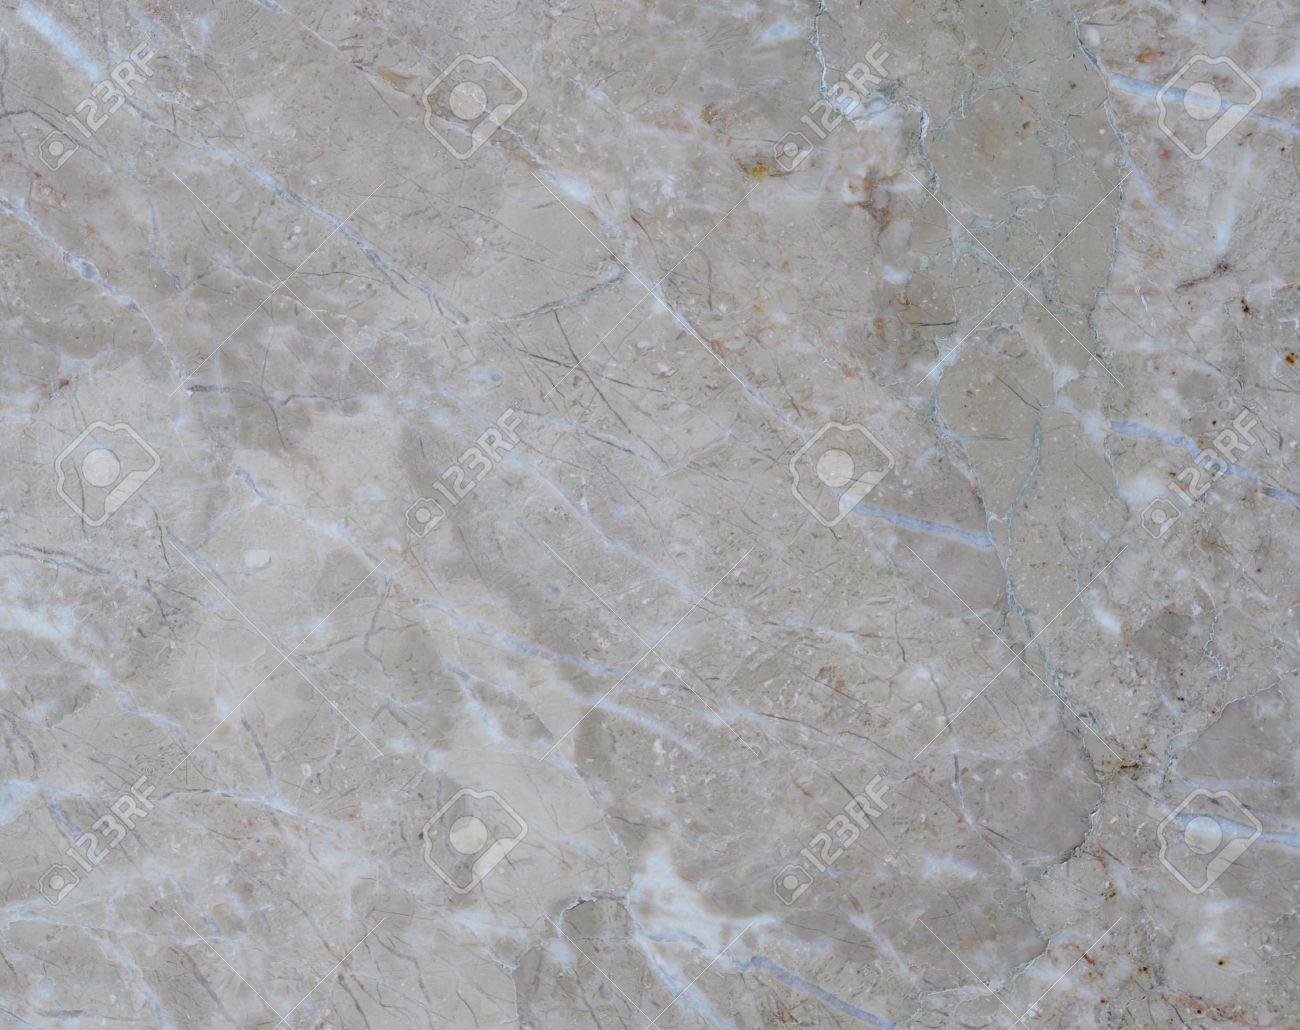 textura de la superficie de mrmol gris de fondo foto de archivo 10883714 - Marmol Gris